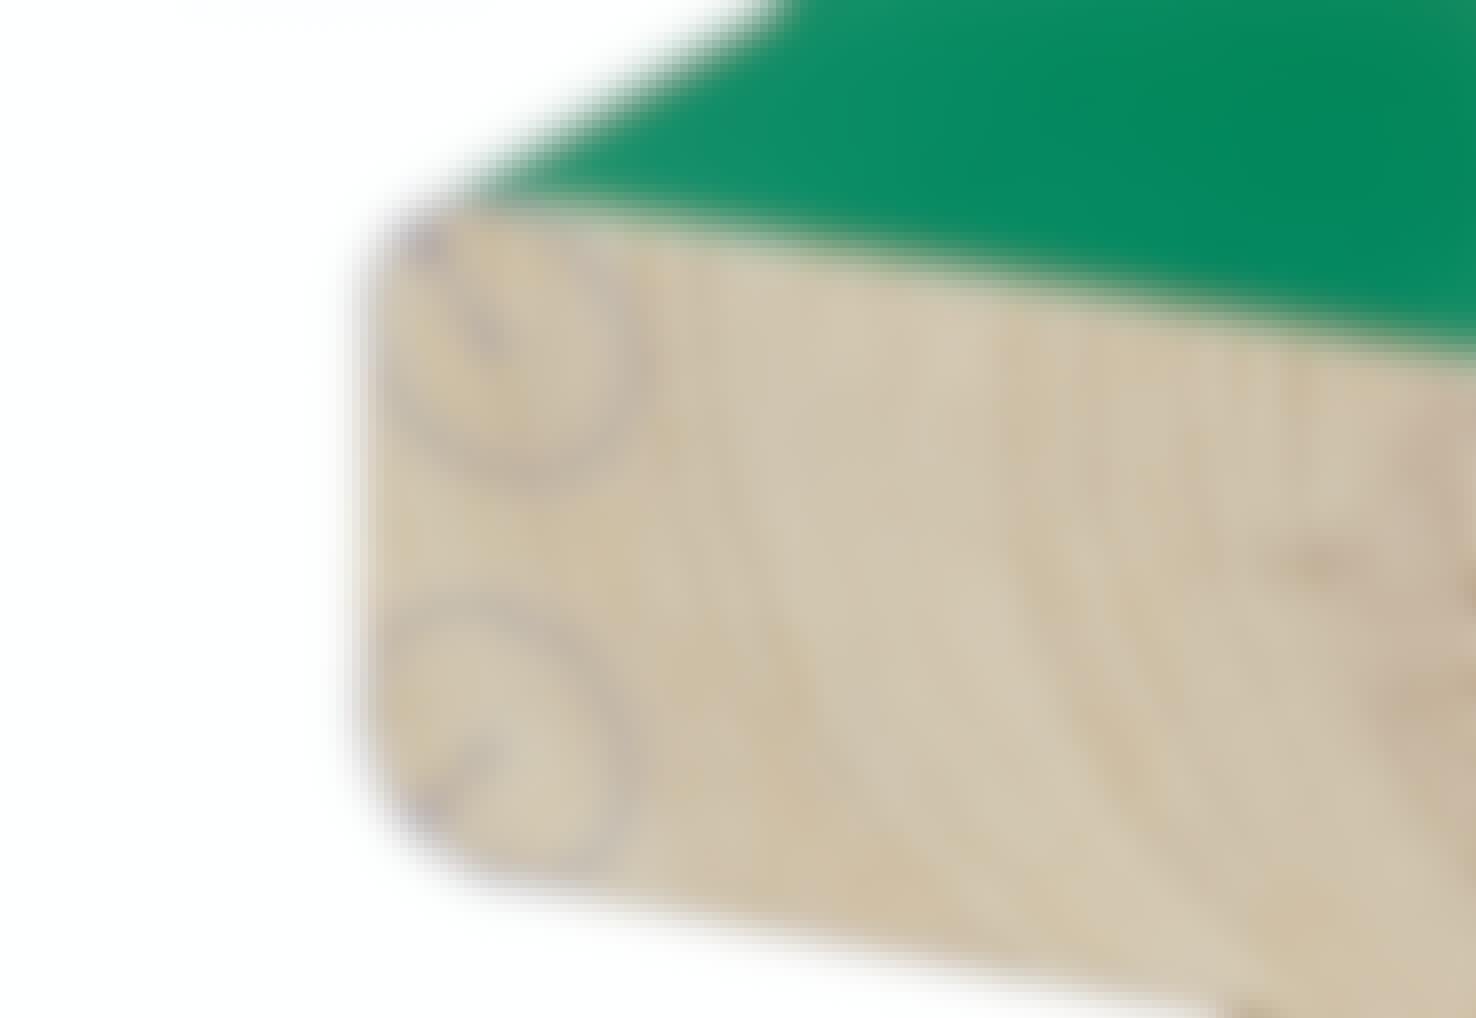 Hur får jag kanter som håller färgen?